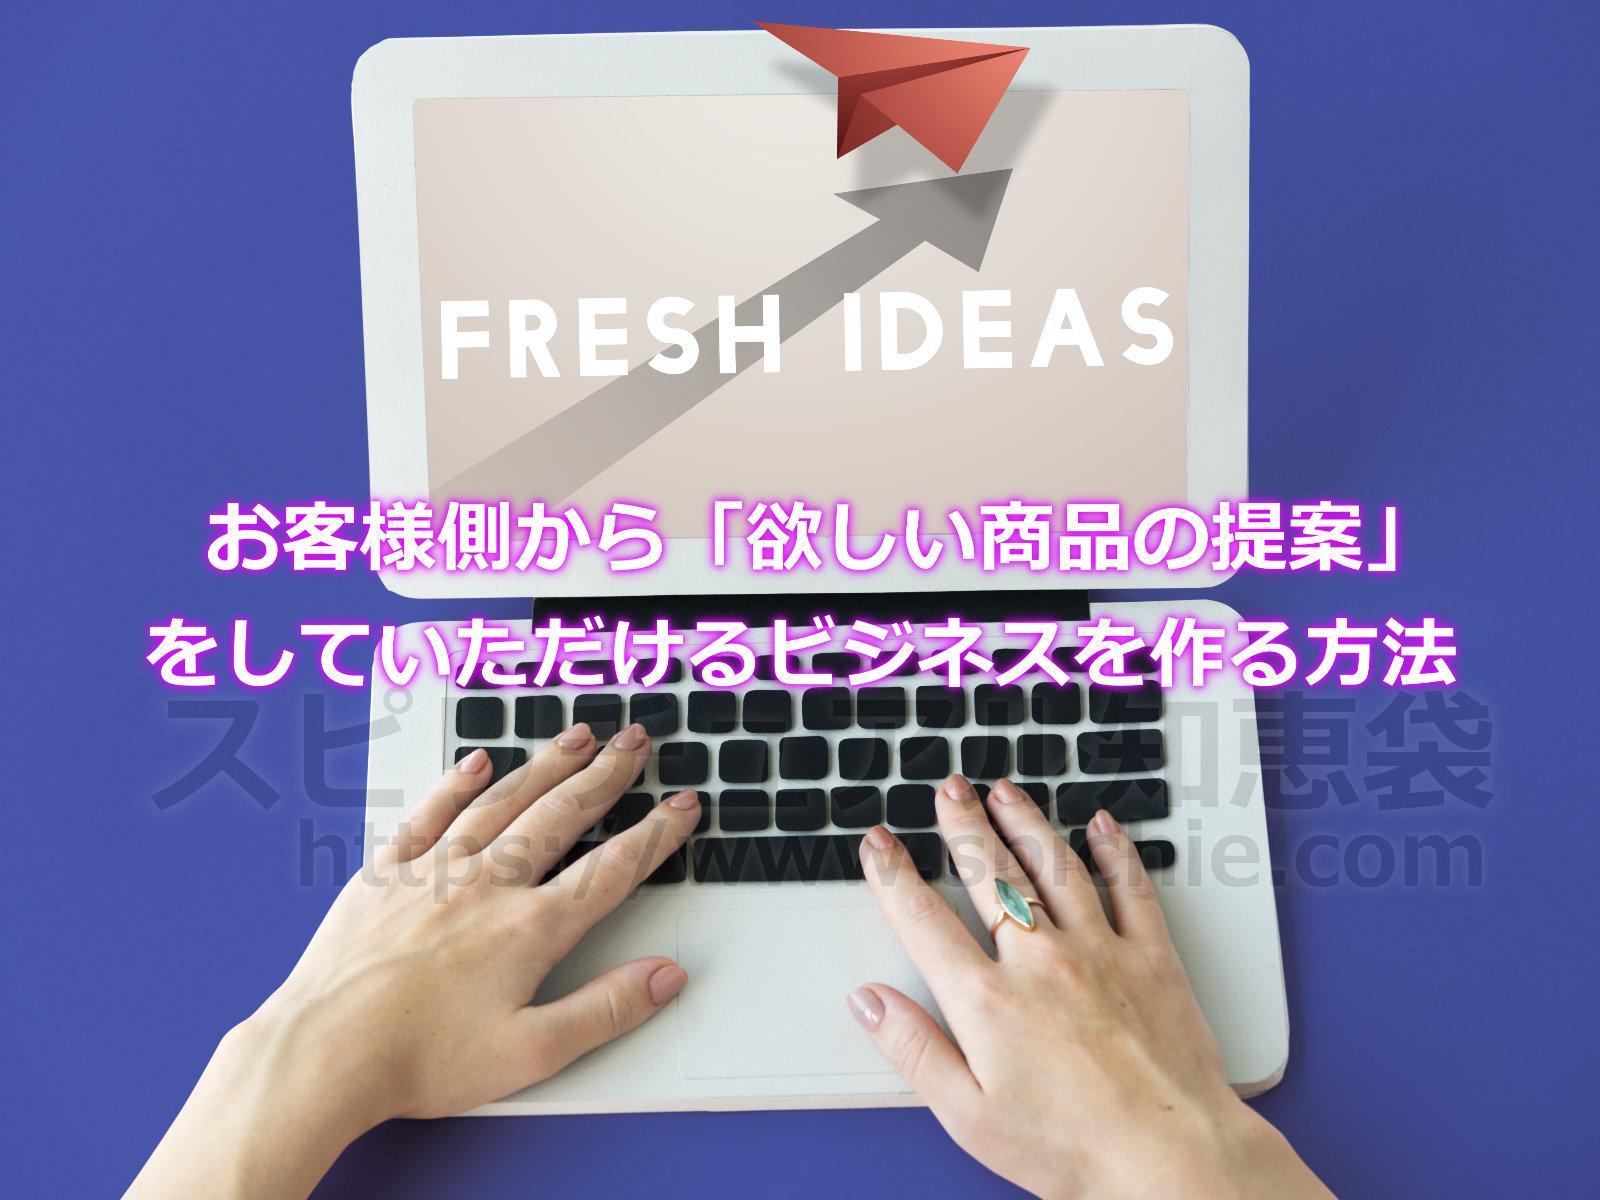 お客様側から「欲しい商品の提案」をしていただけるビジネスを作る方法のアイキャッチ画像